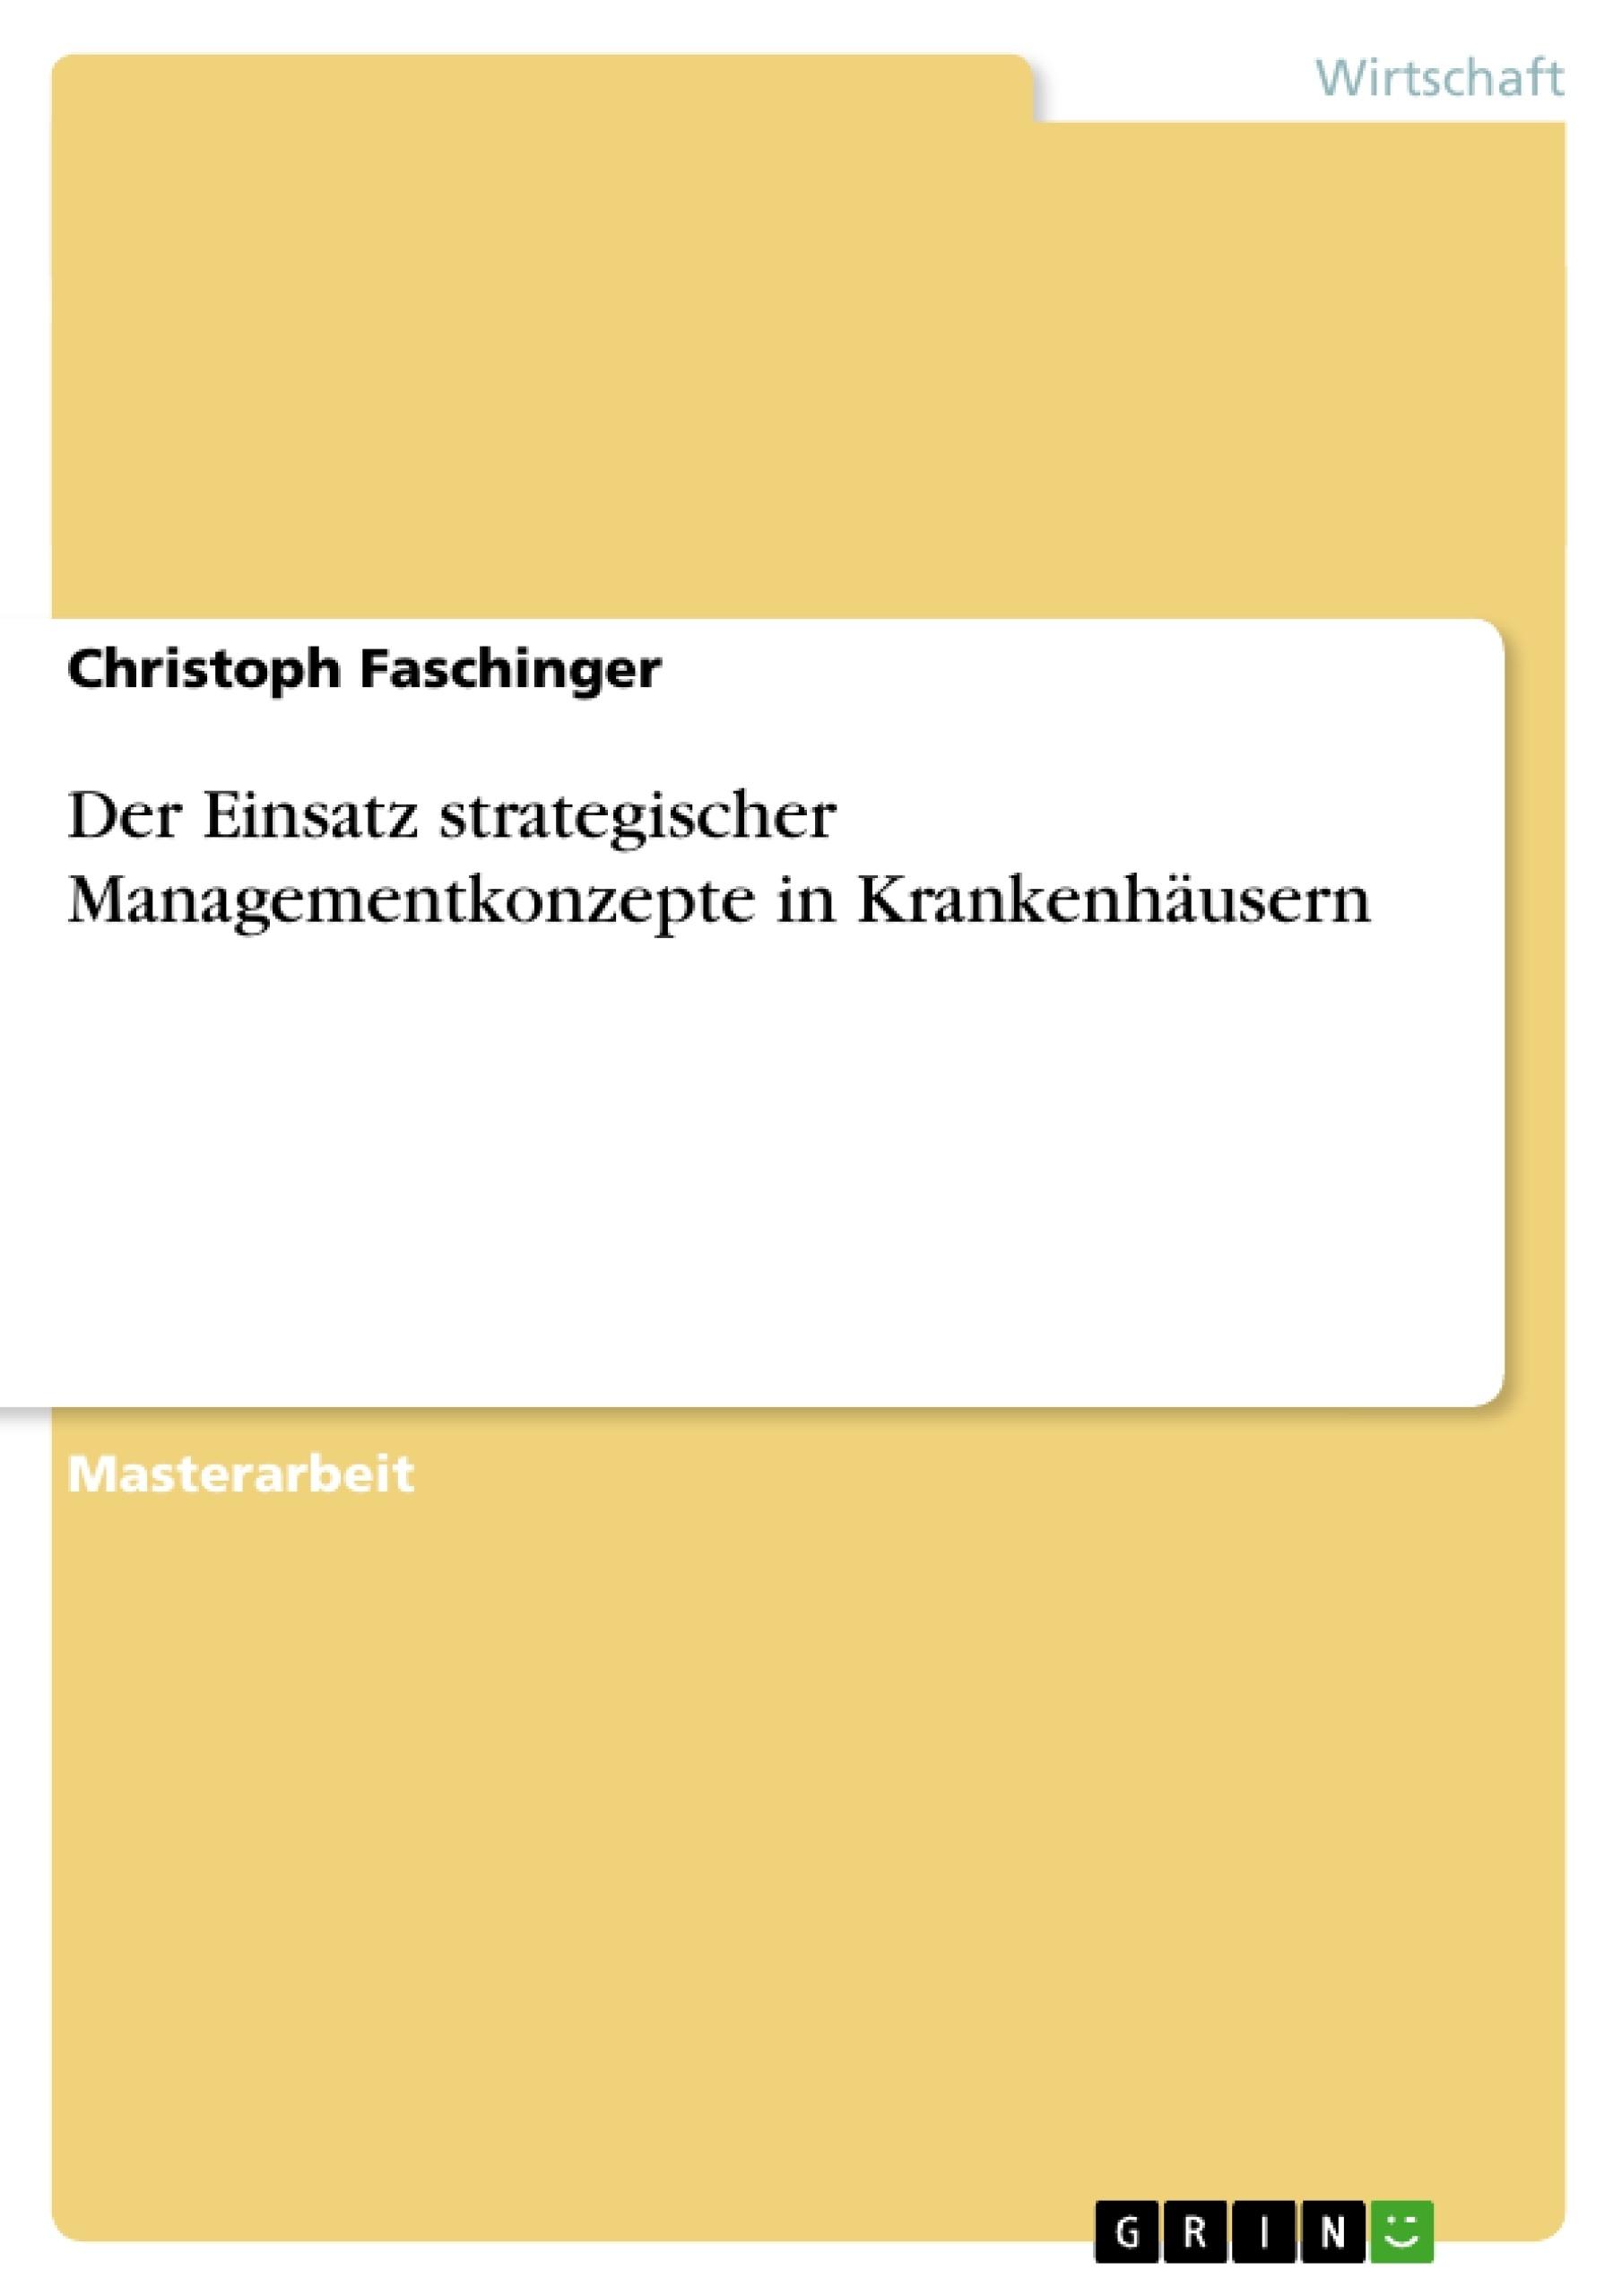 Titel: Der Einsatz strategischer Managementkonzepte in Krankenhäusern